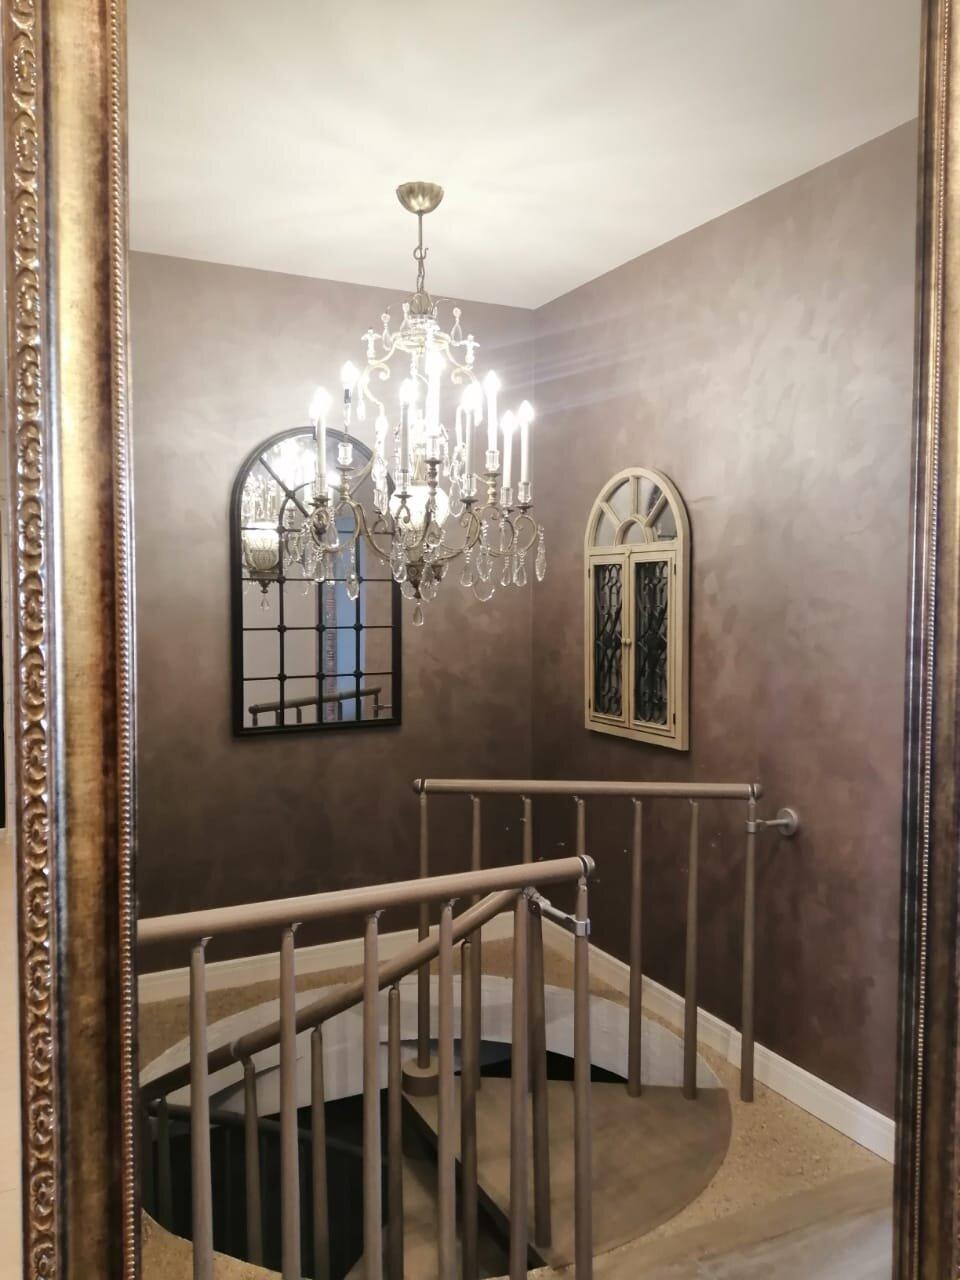 Дверь изготовлена с бронзовым зеркалом под данный интерьер